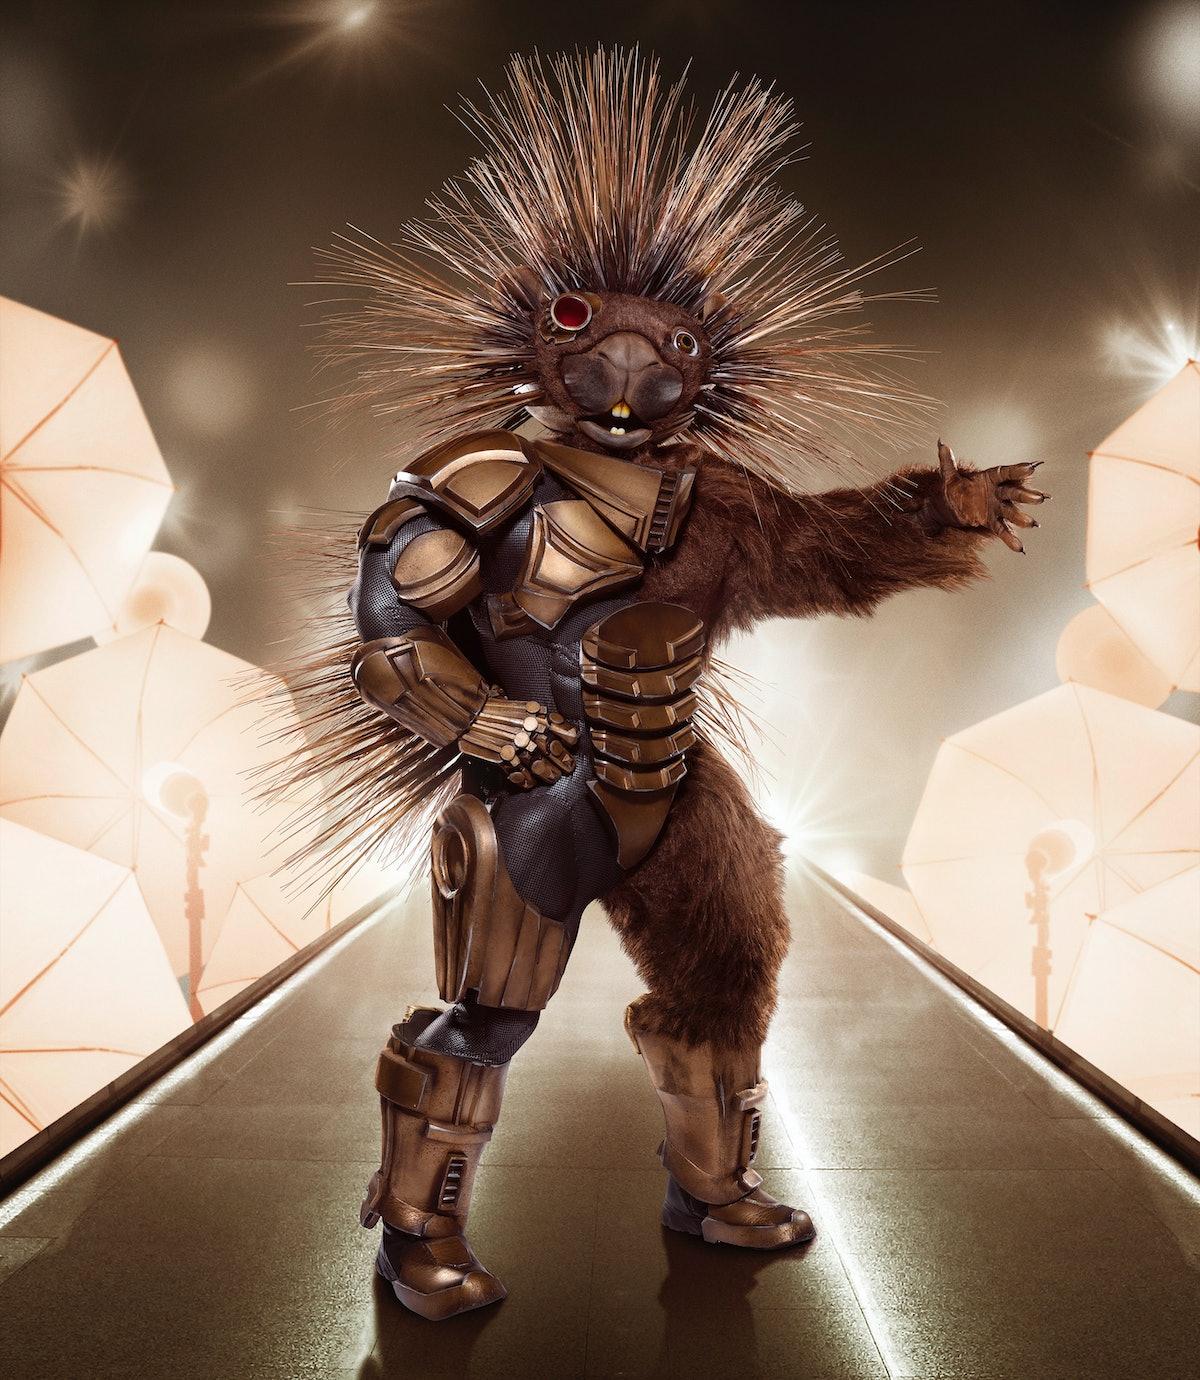 Robot Porcupine on The Masked Singer